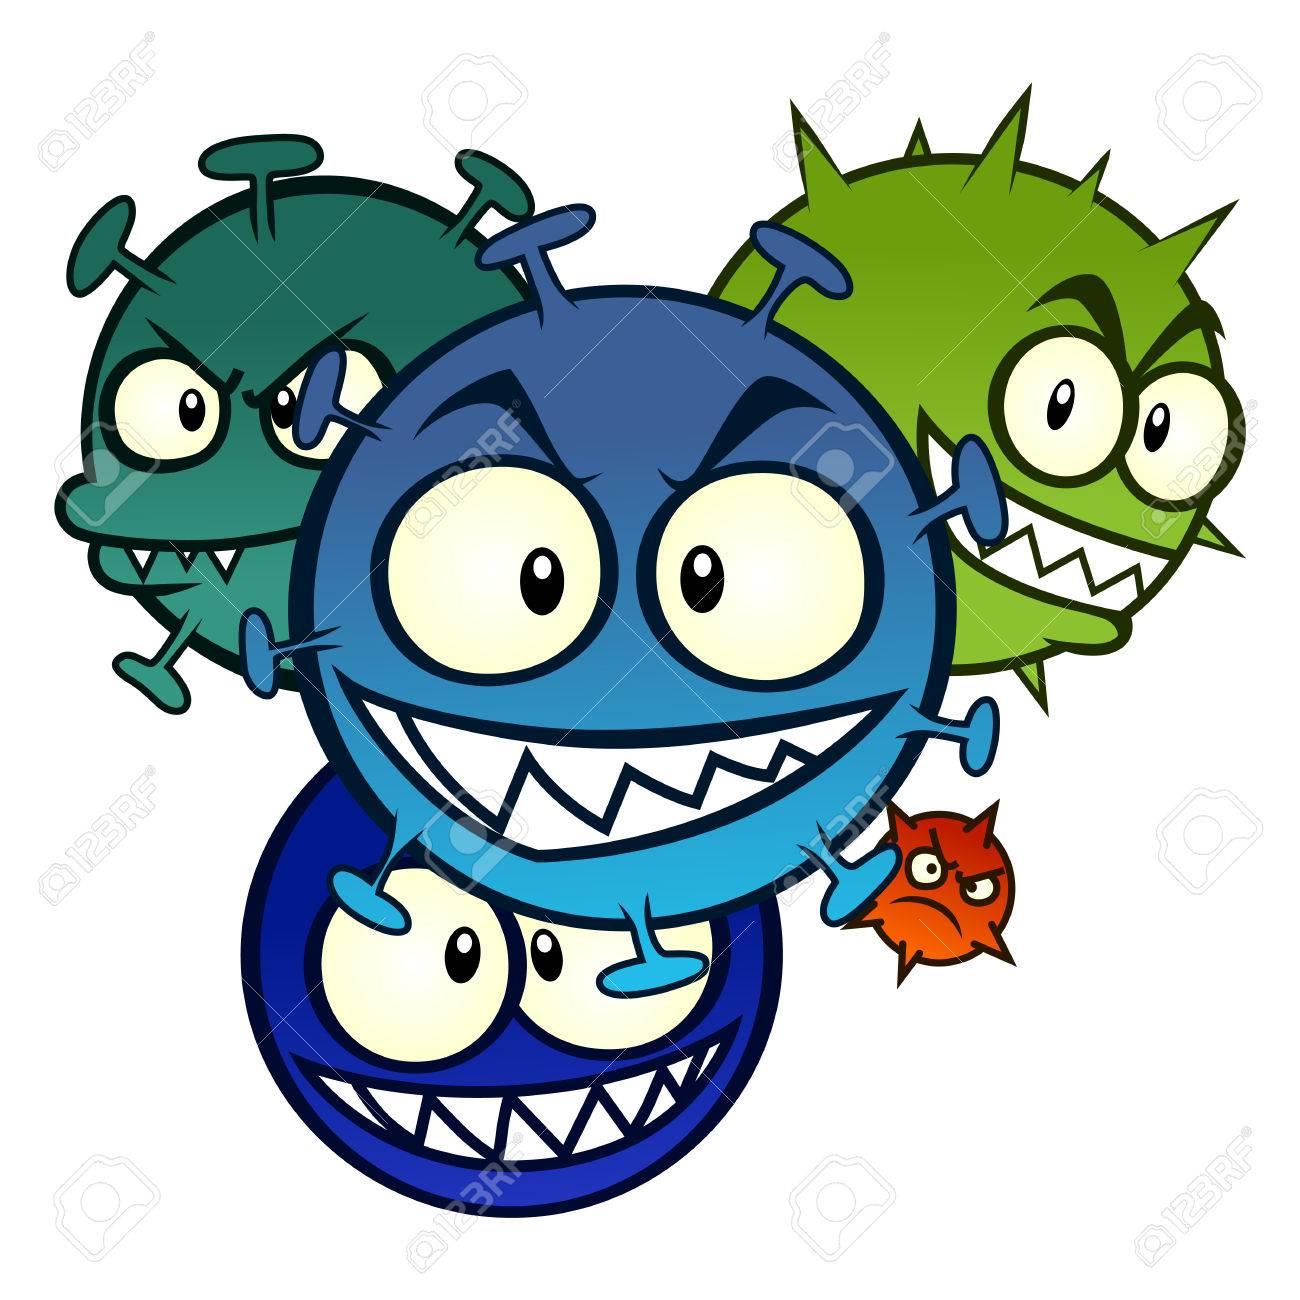 viruses - 41960895